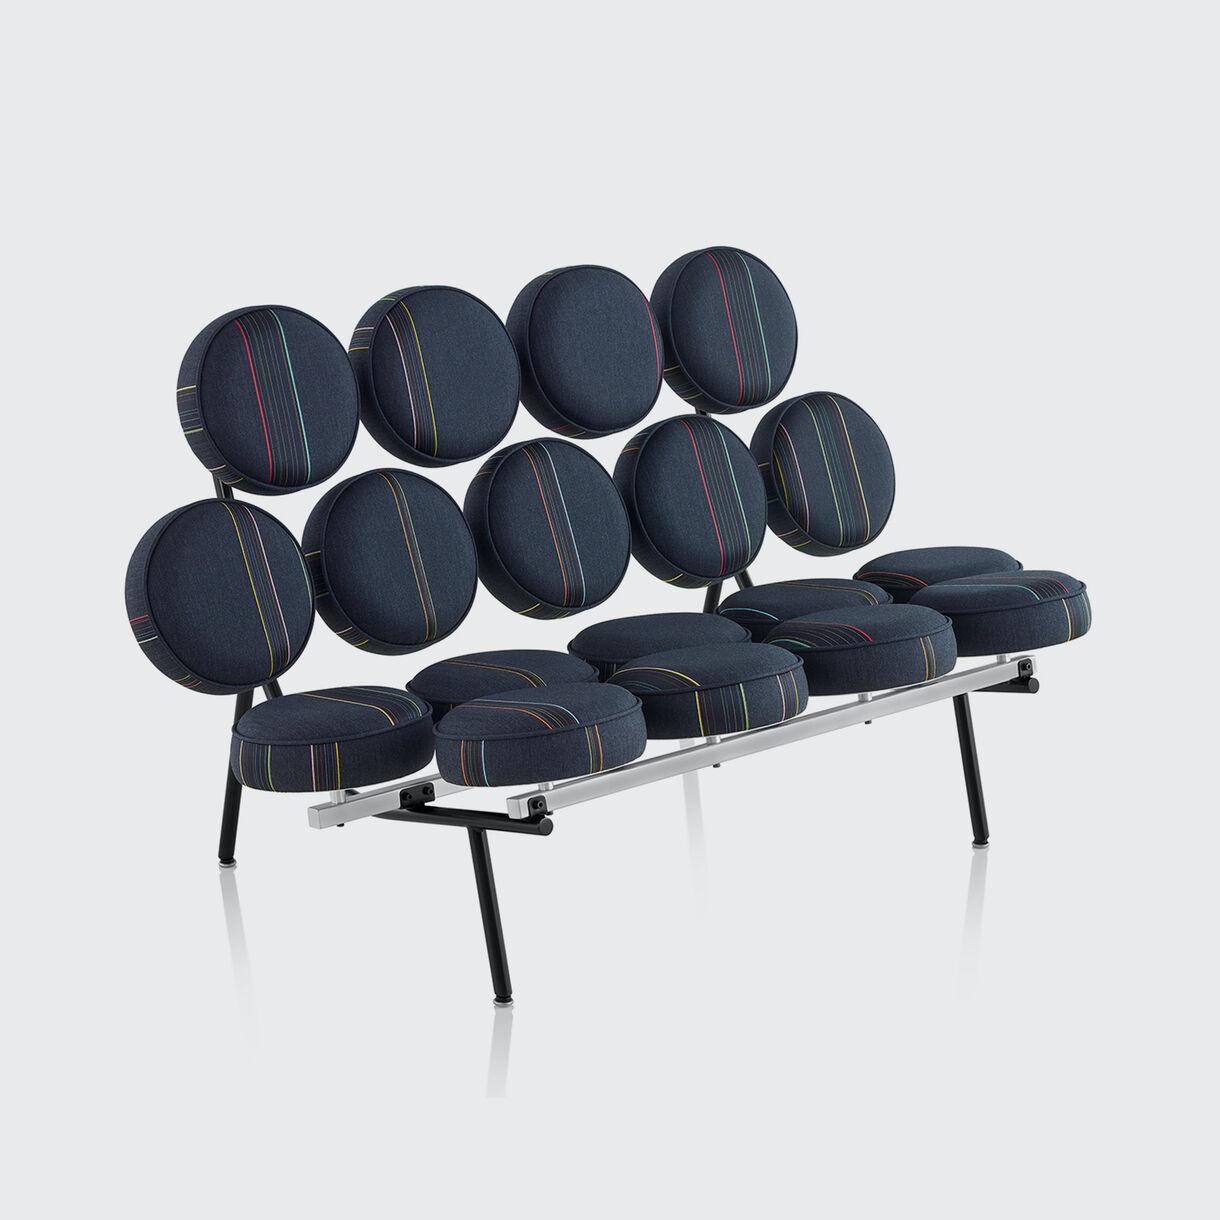 Nelson Marshmallow Sofa, Paul Smith x Maharam